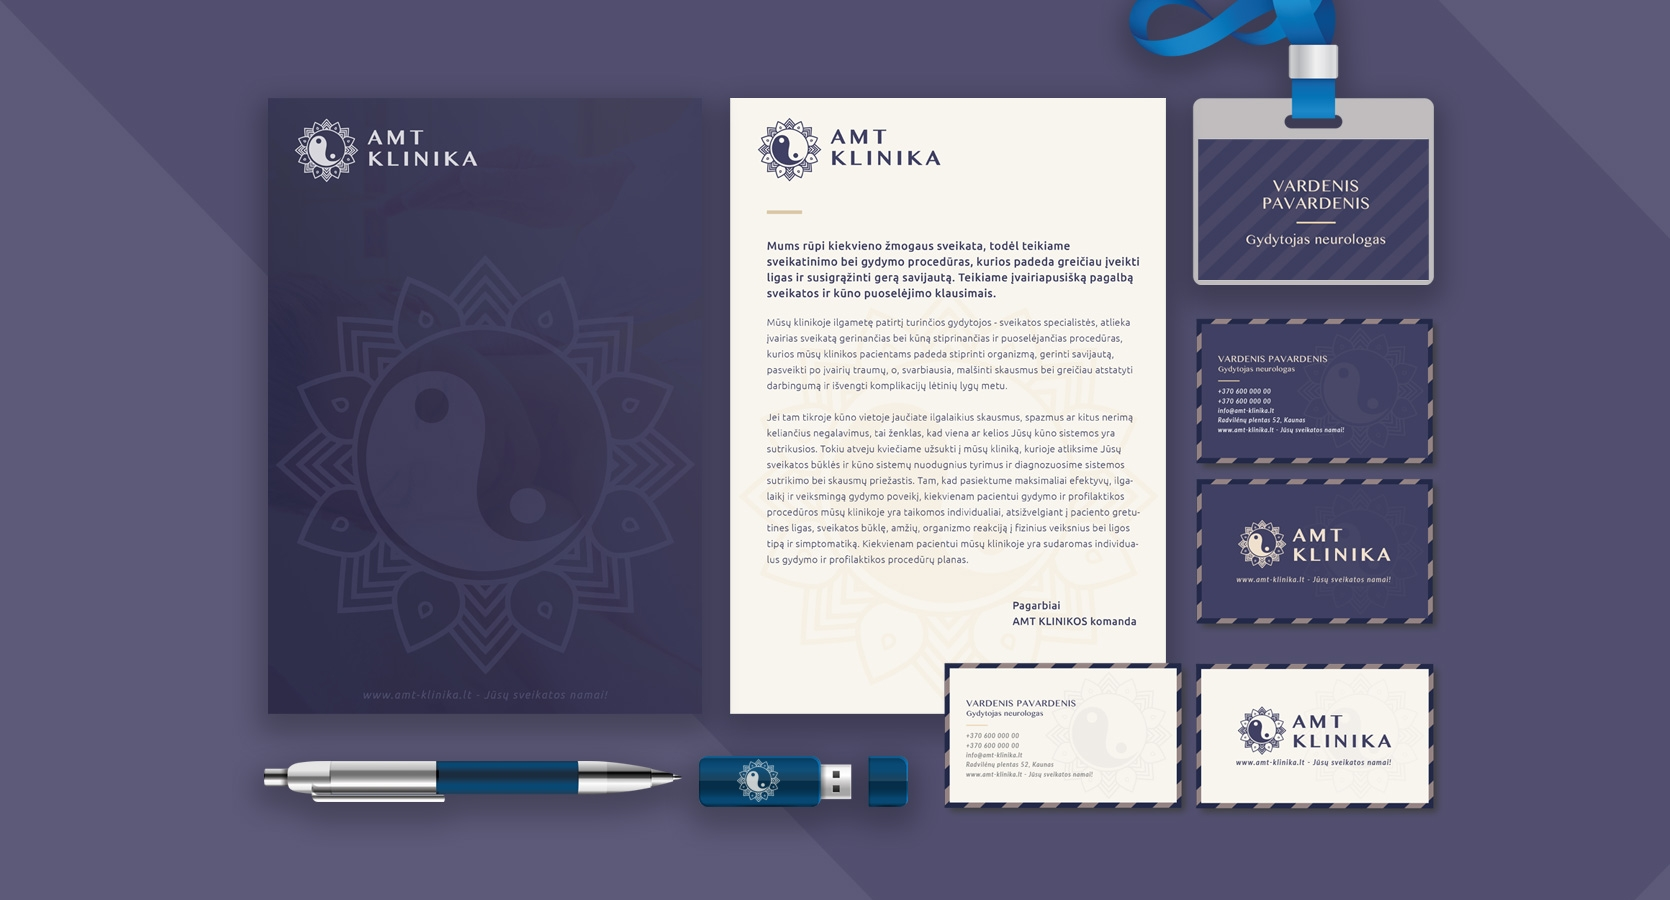 PIXELART – logotipo kūrimas, prekinio ženklo kūrimas, firminio stiliaus kūrimas. Unikalių logotipų ir prekinių ženklų kūrimas. Logotipo sukūrimas, prekinio ženklo sukūrimas, firminio stiliaus sukūrimas. Logotipų, prekinių ženklų, firminio stiliaus kūrimas: Vilniuje, Kaune, Šiauliuose, Klaipėdoje, Panevėžyje. Logotipo kūrimas - PIXELART.LT